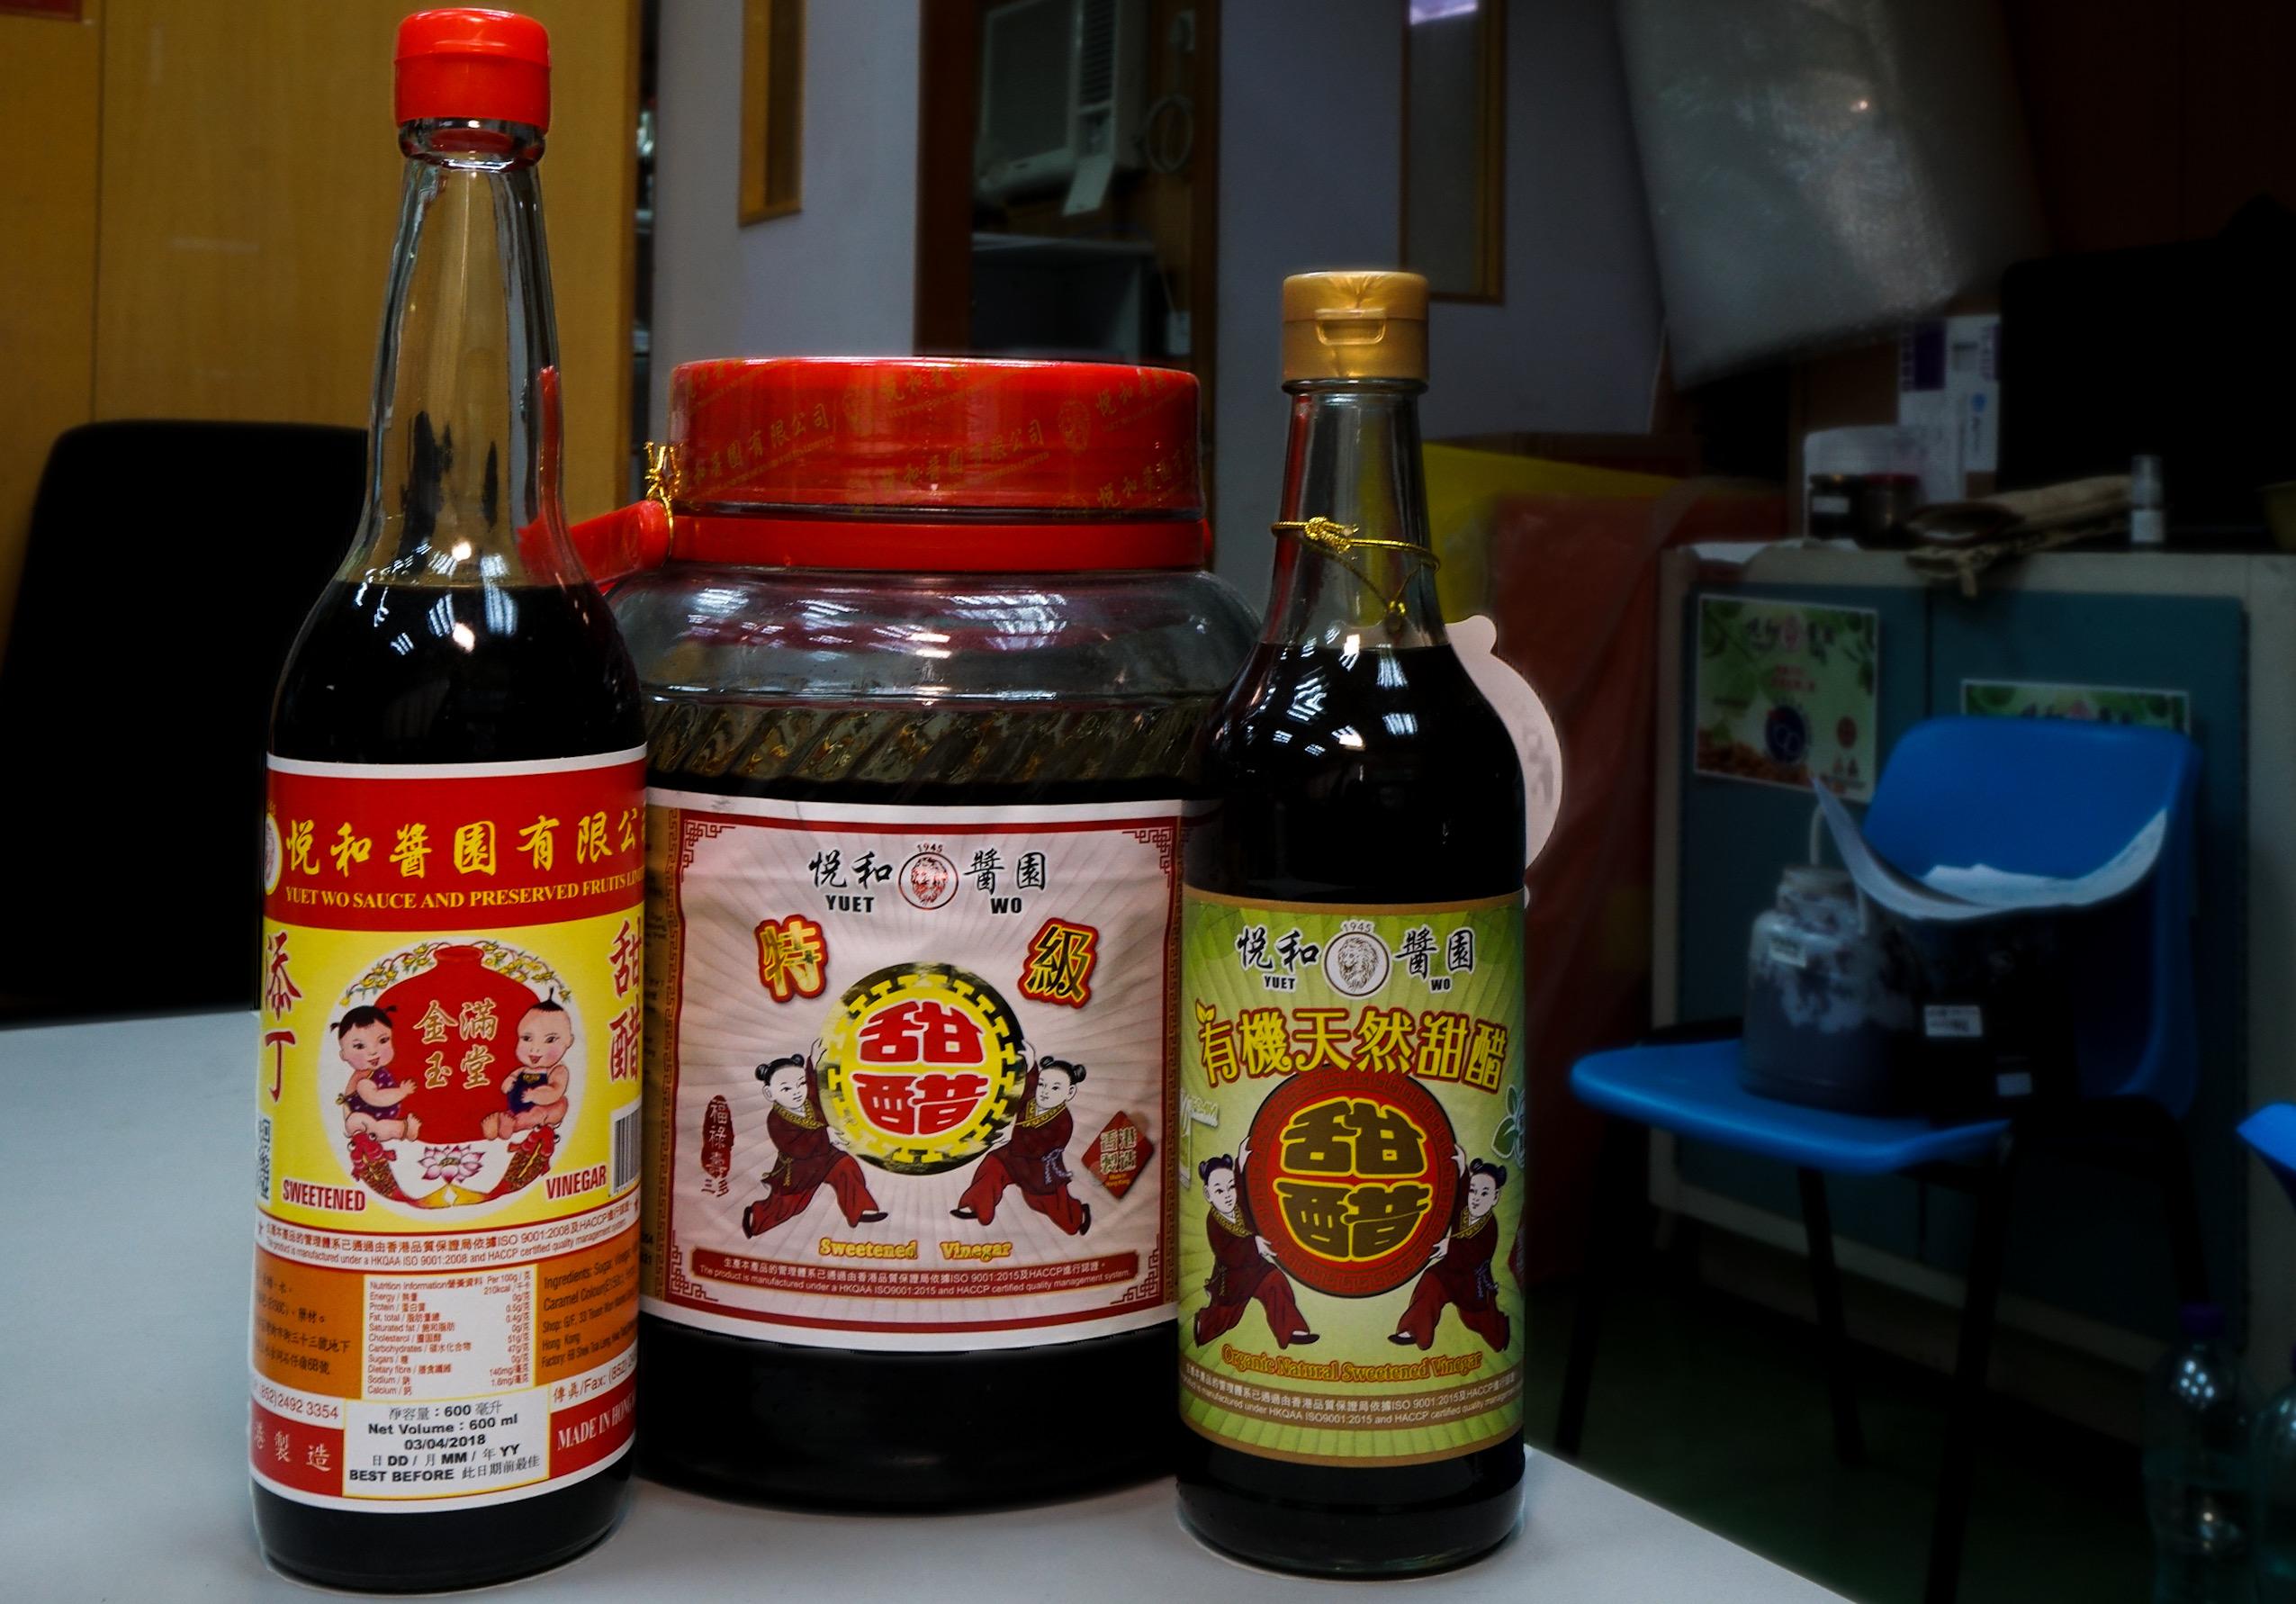 悅和醬園 米酒 甜醋